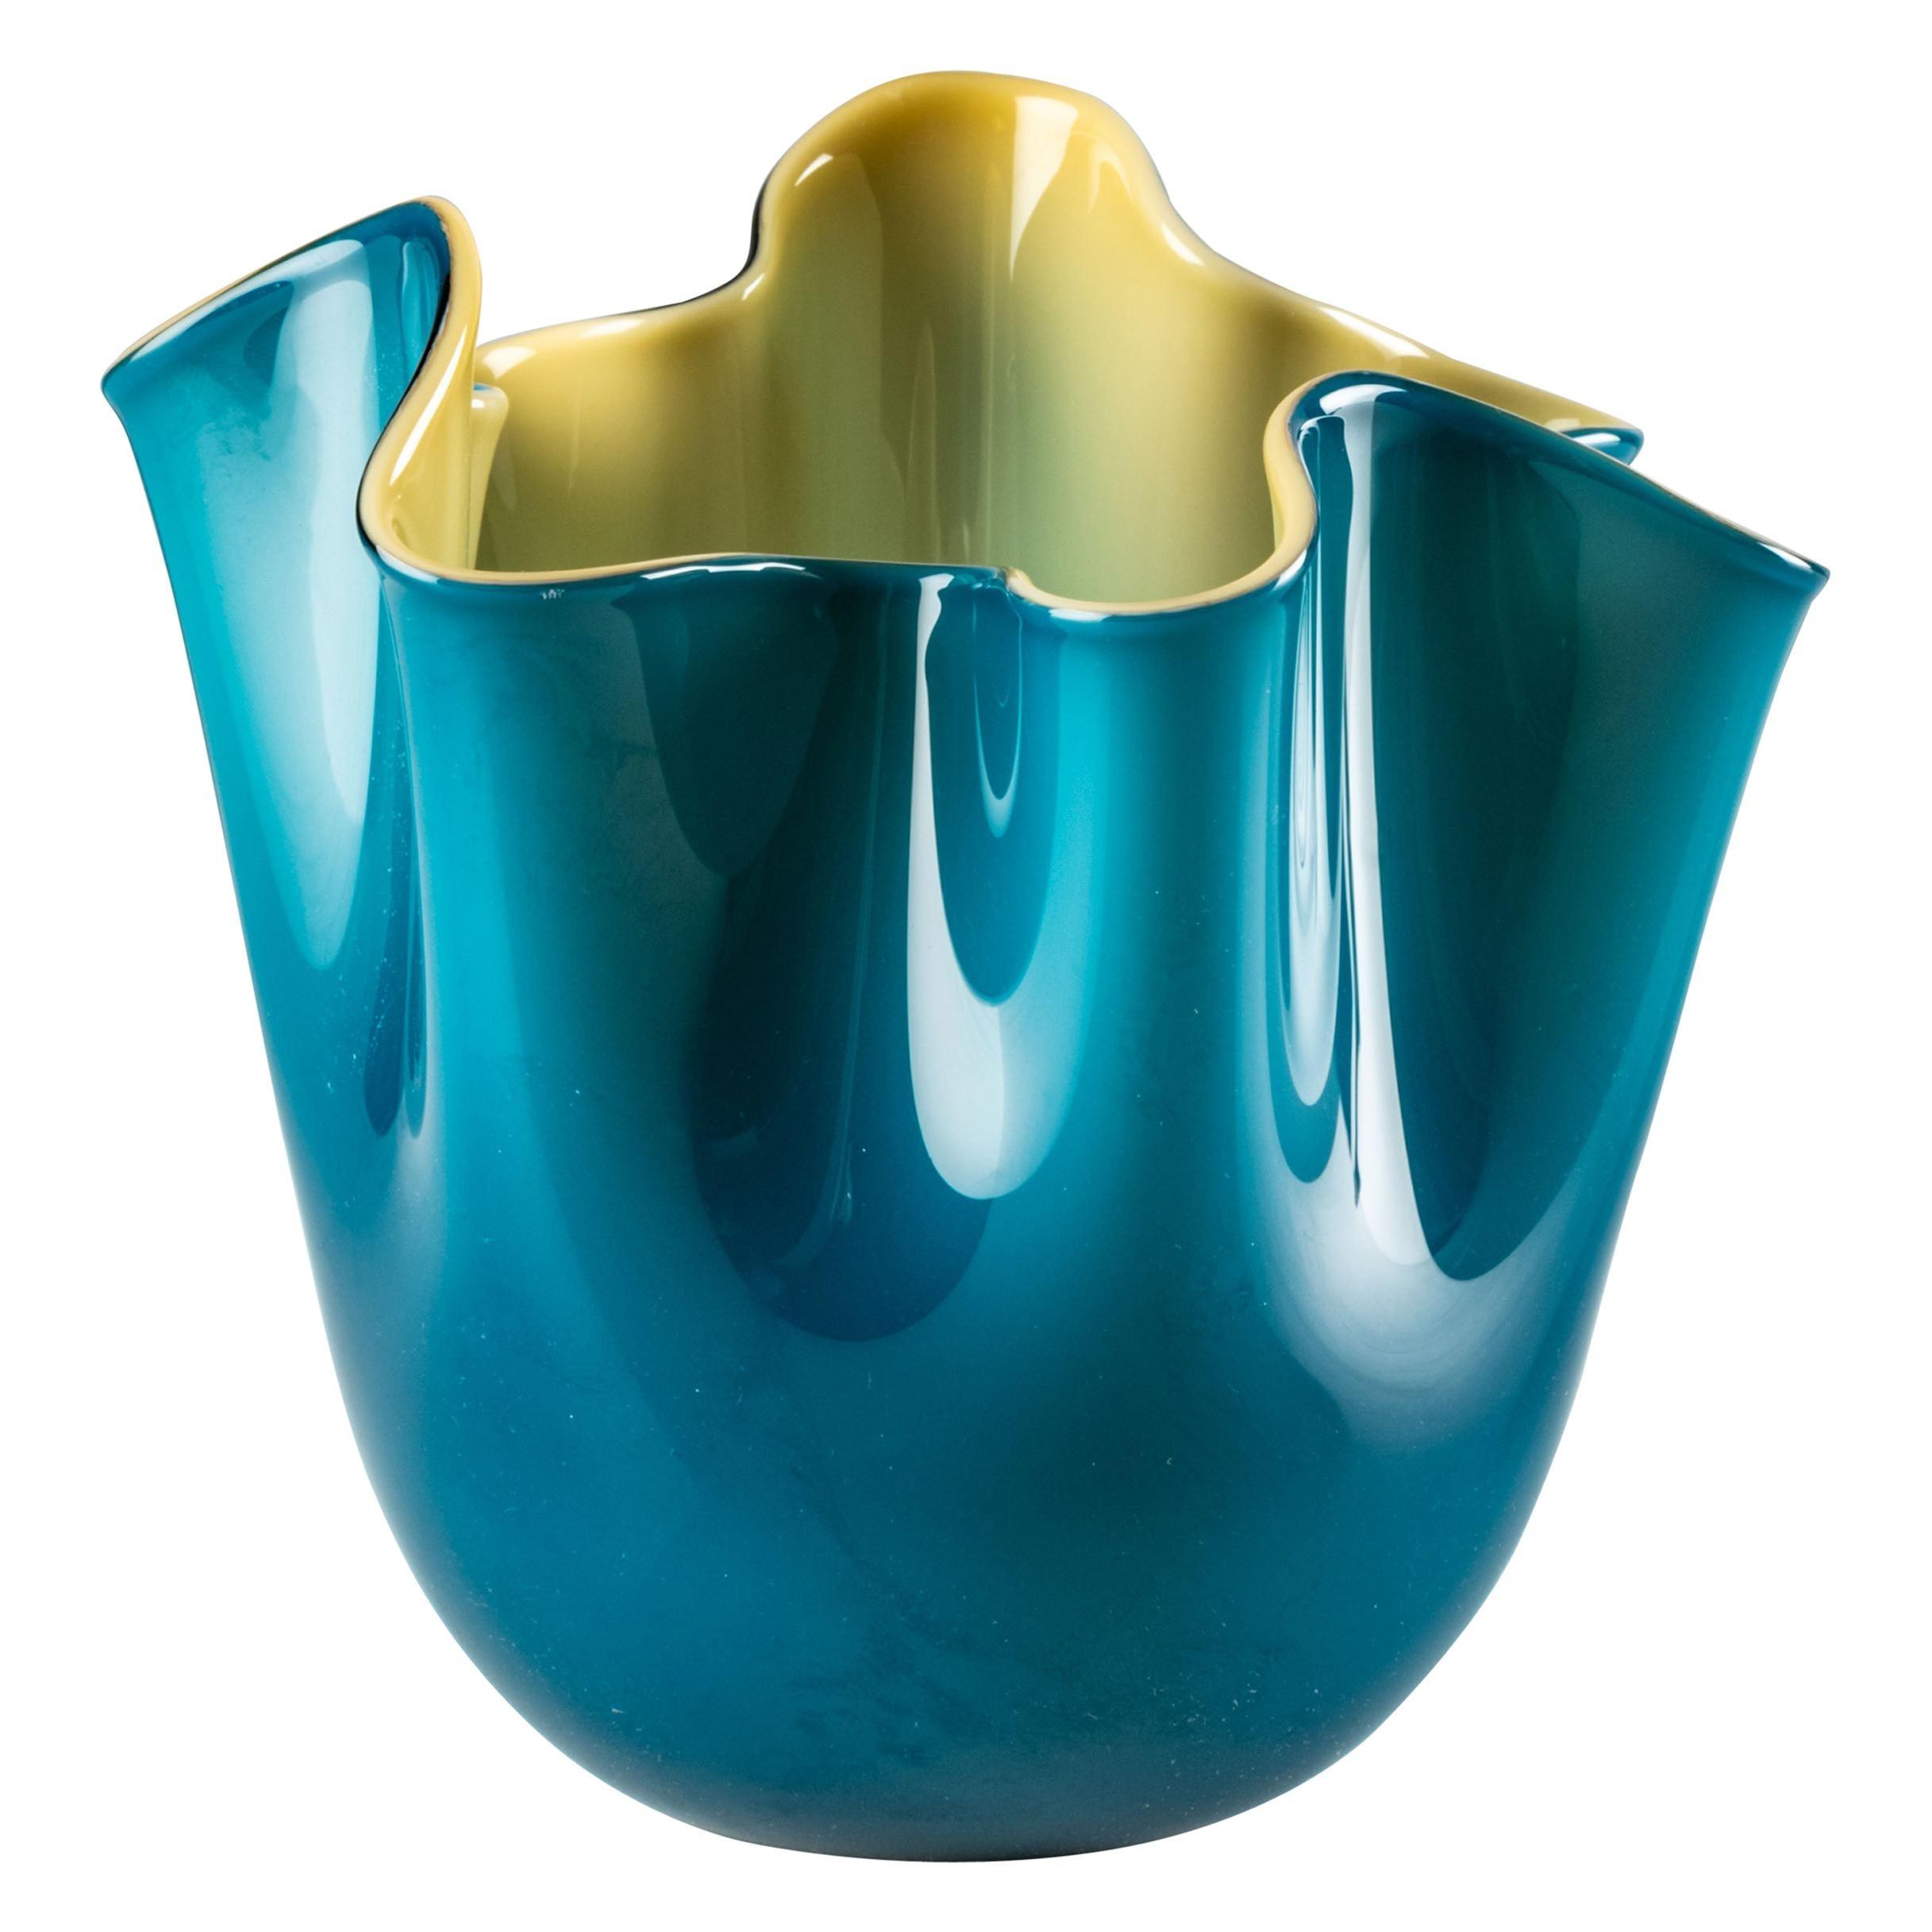 Venini Fazzoletto Bicolore Small Vase in Horizon and Amber Murano Glass